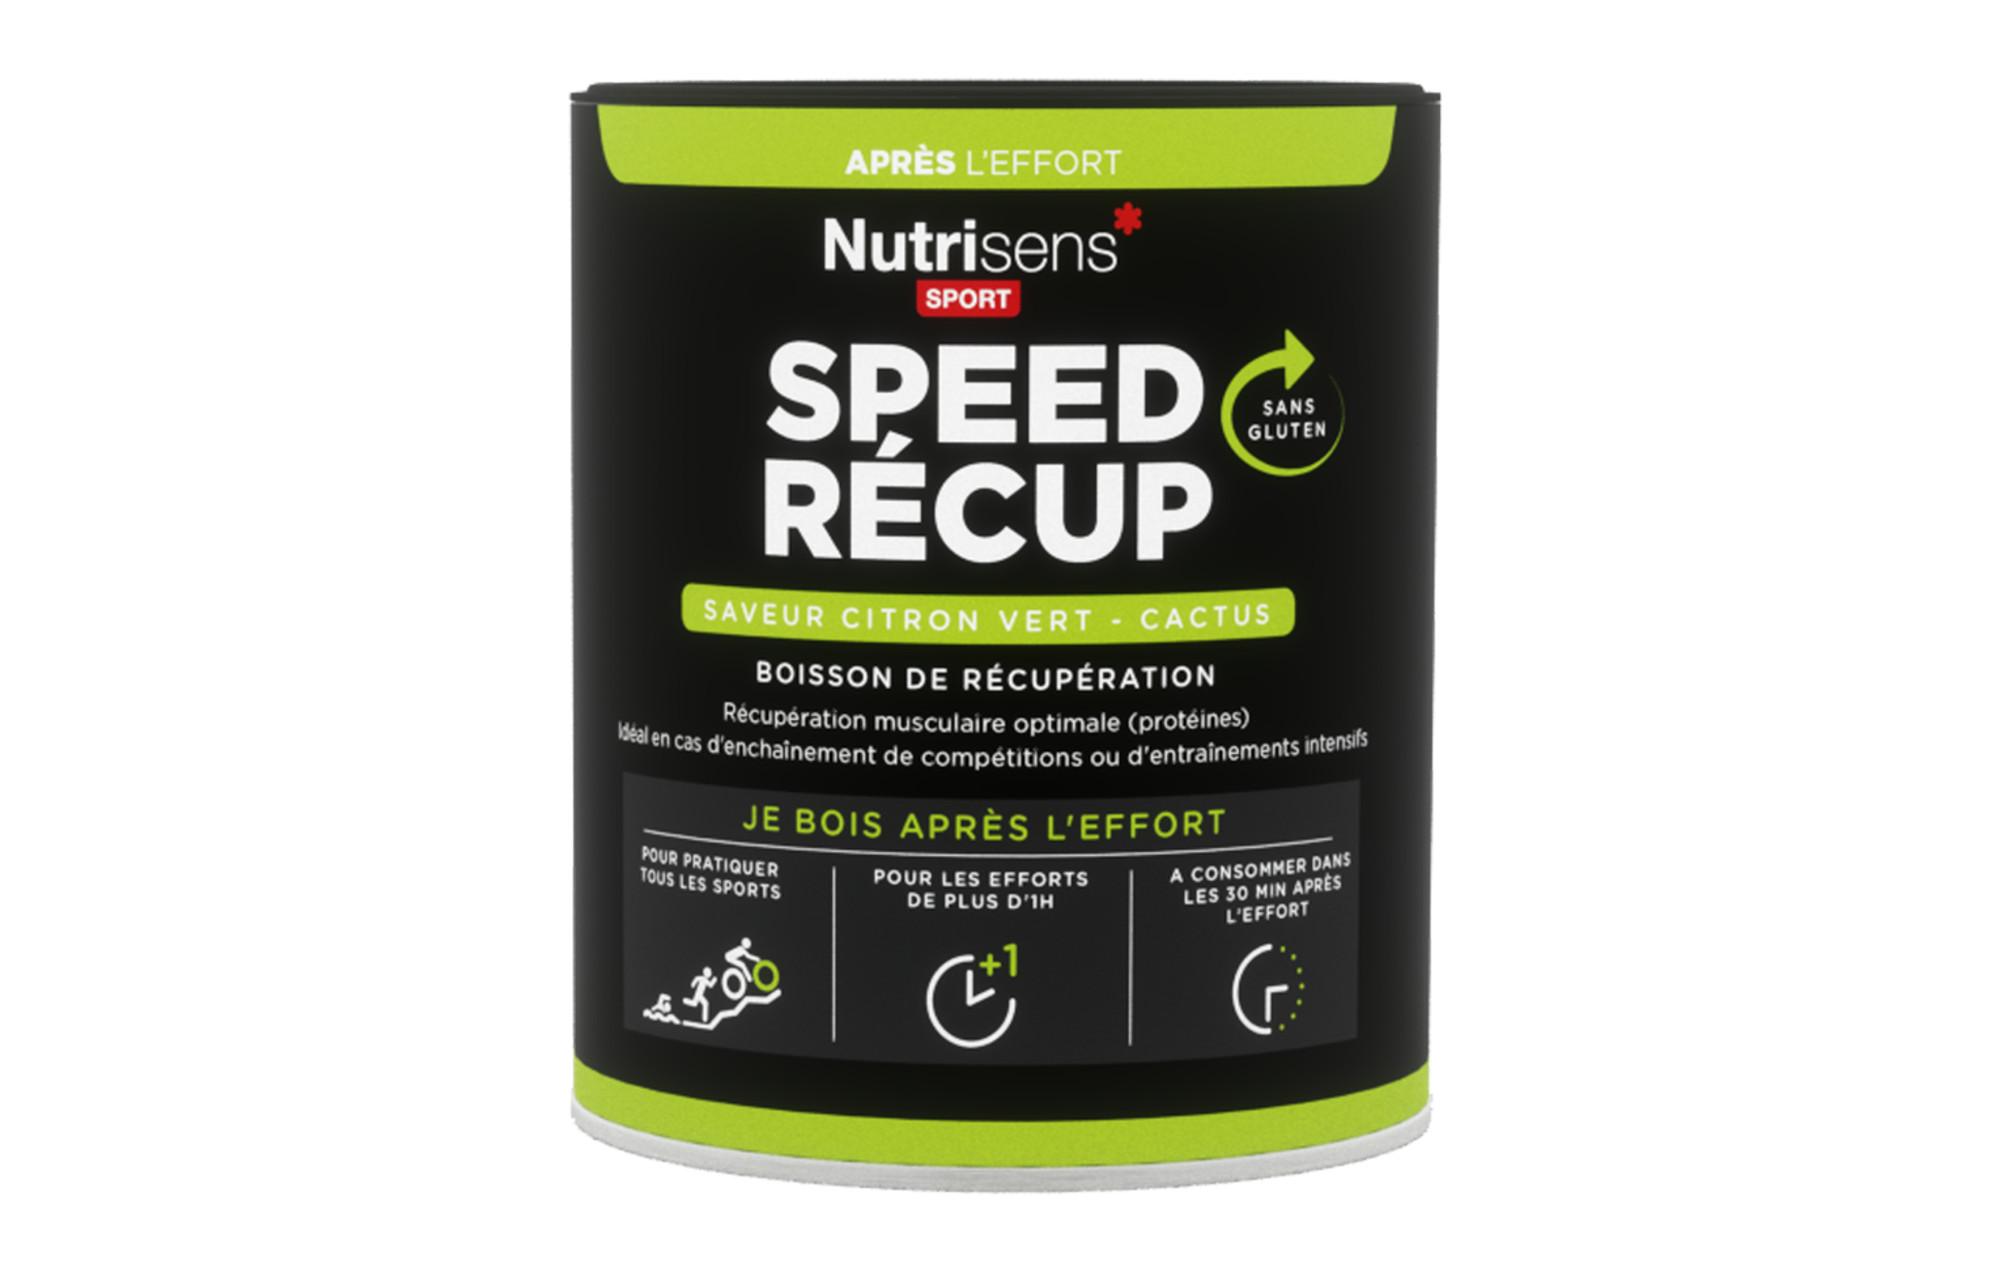 nutrisens boisson de r cup ration speed recup pot de 400g citron vert cactus. Black Bedroom Furniture Sets. Home Design Ideas